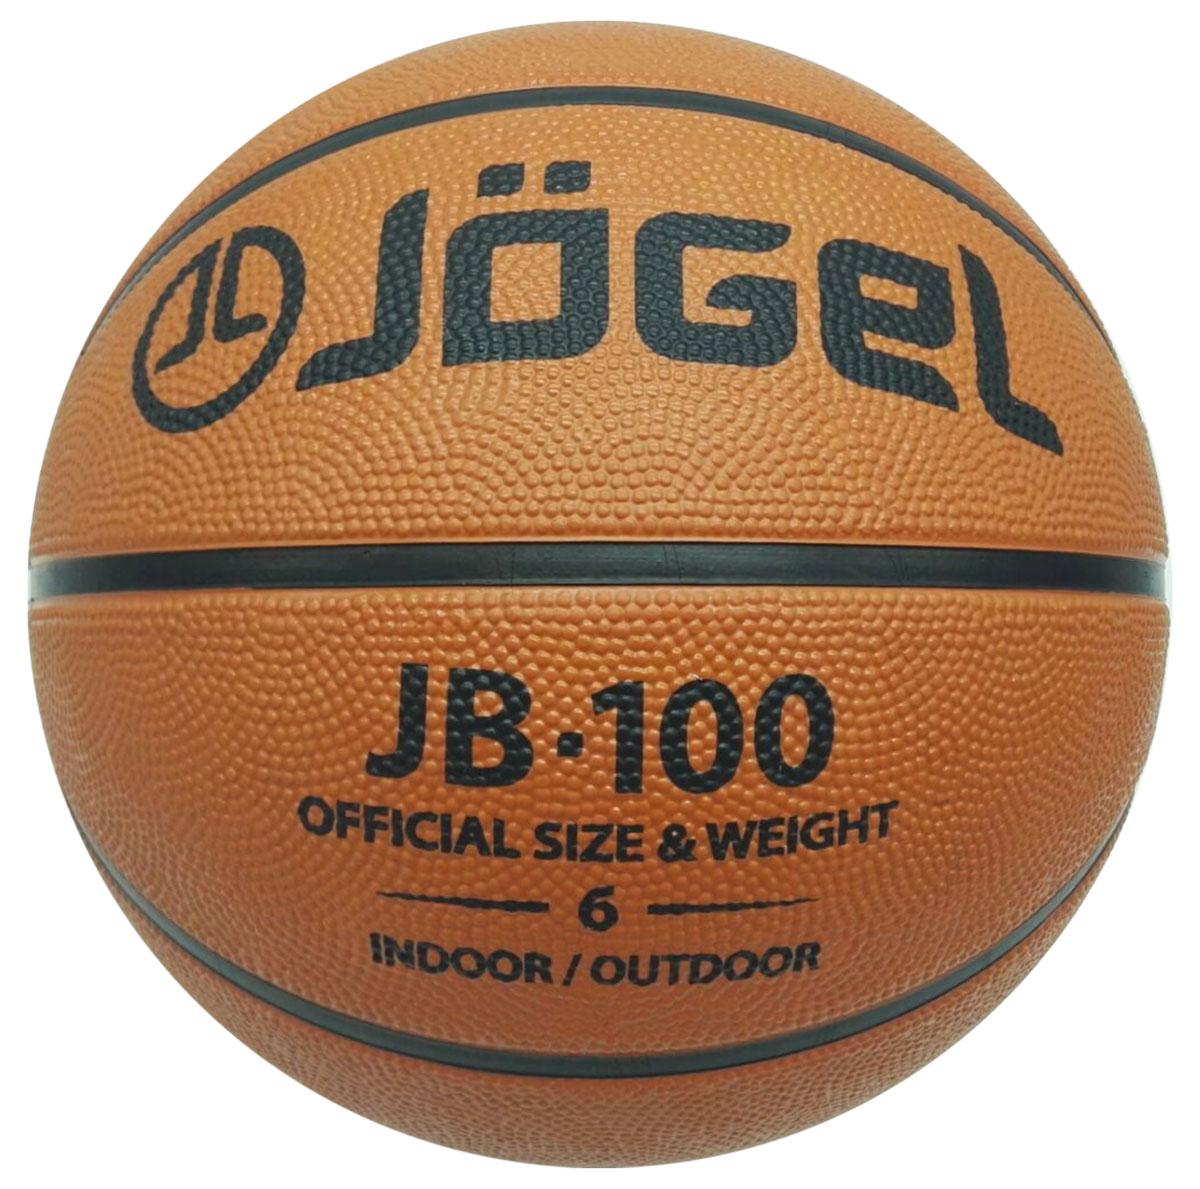 Мяч баскетбольный Jogel, цвет: коричневый. Размер 6. JB-100УТ-00009270Классический резиновый баскетбольный мяч Jogel часто используется в уличном баскетболе, учебных заведениях и СДЮШ.Покрышка мяча выполнена из износостойкой резины, поэтому с мячом можно играть на любой поверхности, как в зале, так и на улице. В создании мячей используется технология DeepChannel (глубокие каналы), благодаря которой достигается отличный контроль мяча во время броска и дриблинга. Камера выполнена из бутила.Мяч баскетбольный рекомендован для любительской игры, тренировок команд среднего уровня и любительских команд.Вес: 510-567 гр.Длина окружности: 72-74 см.Рекомендованное давление: 0.5-0.6 бар.УВАЖАЕМЫЕ КЛИЕНТЫ!Обращаем ваше внимание на тот факт, что мяч поставляется в сдутом виде. Насос в комплект не входит.